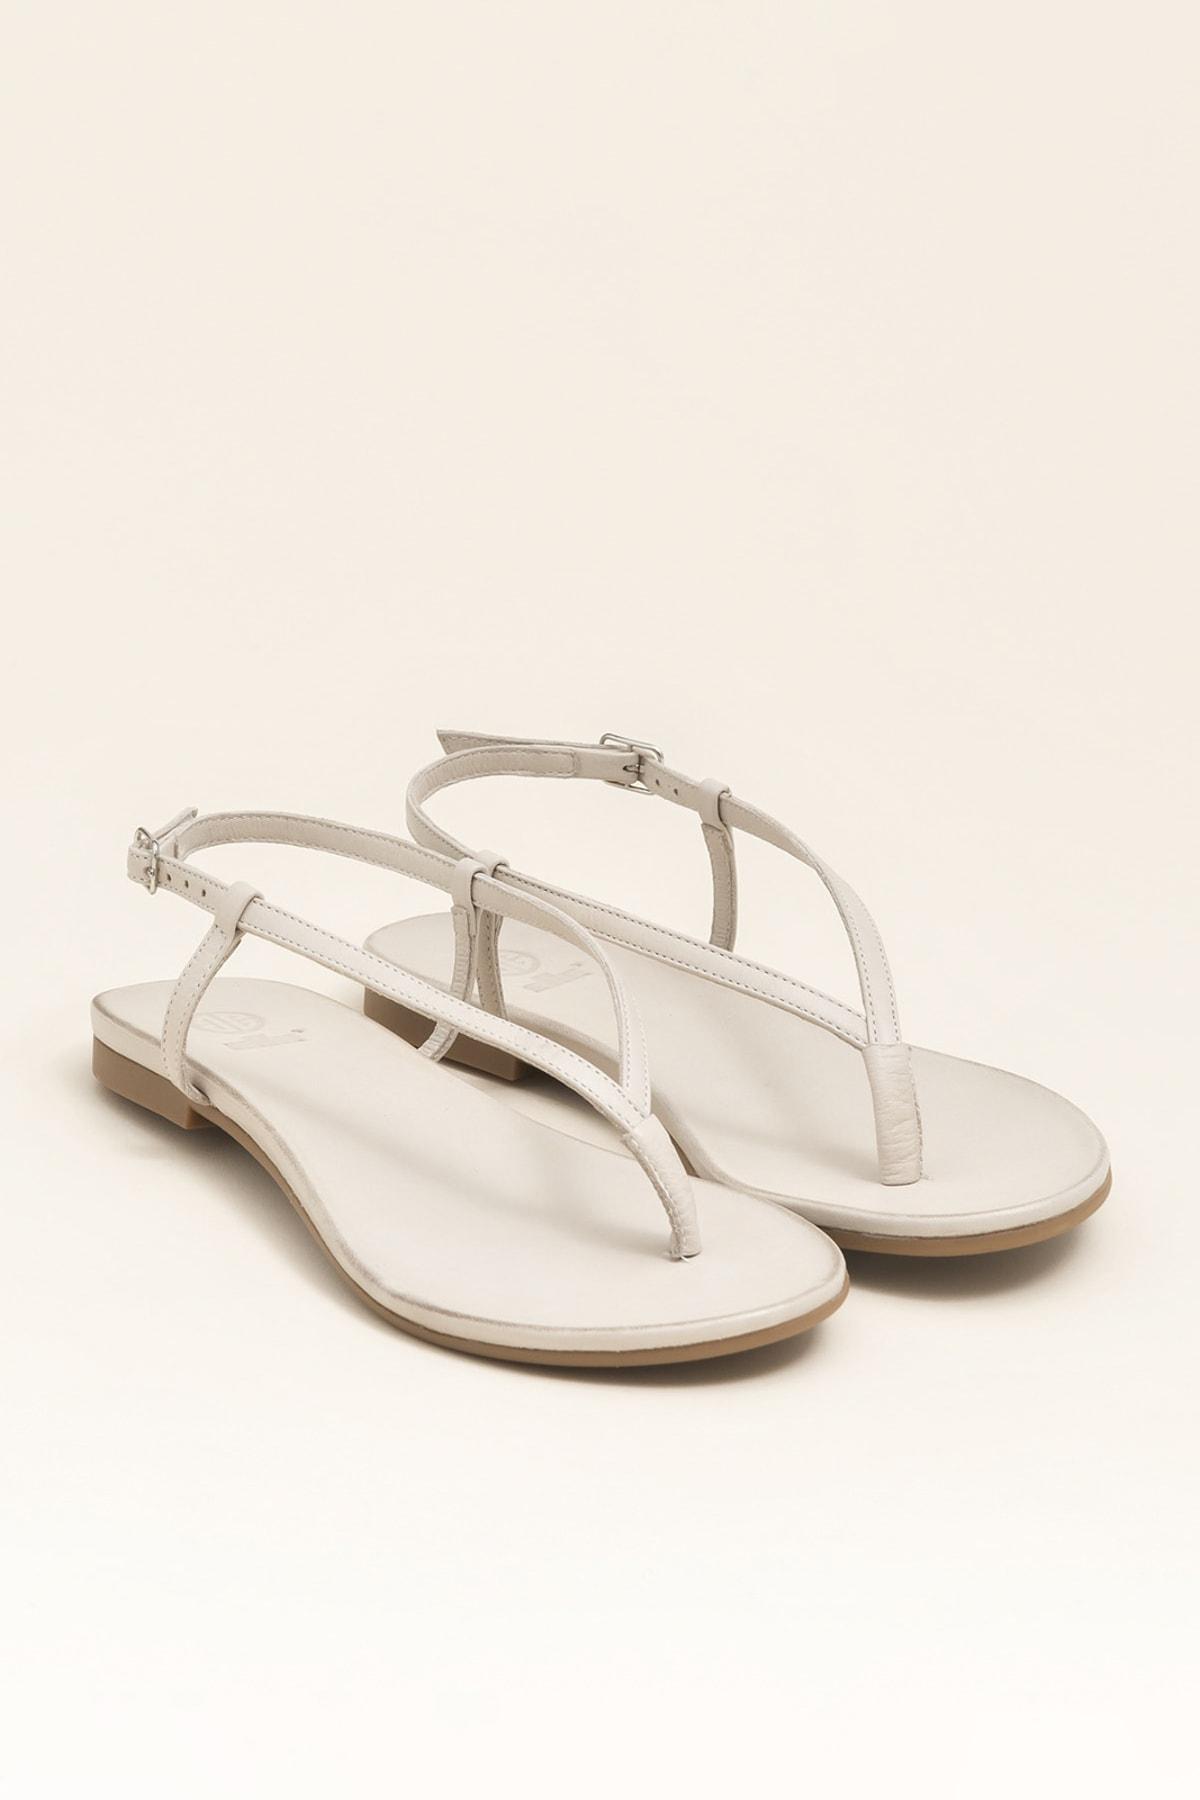 Elle Shoes MANISHA Hakiki Deri Kemik Rengi Kadın Sandalet 2